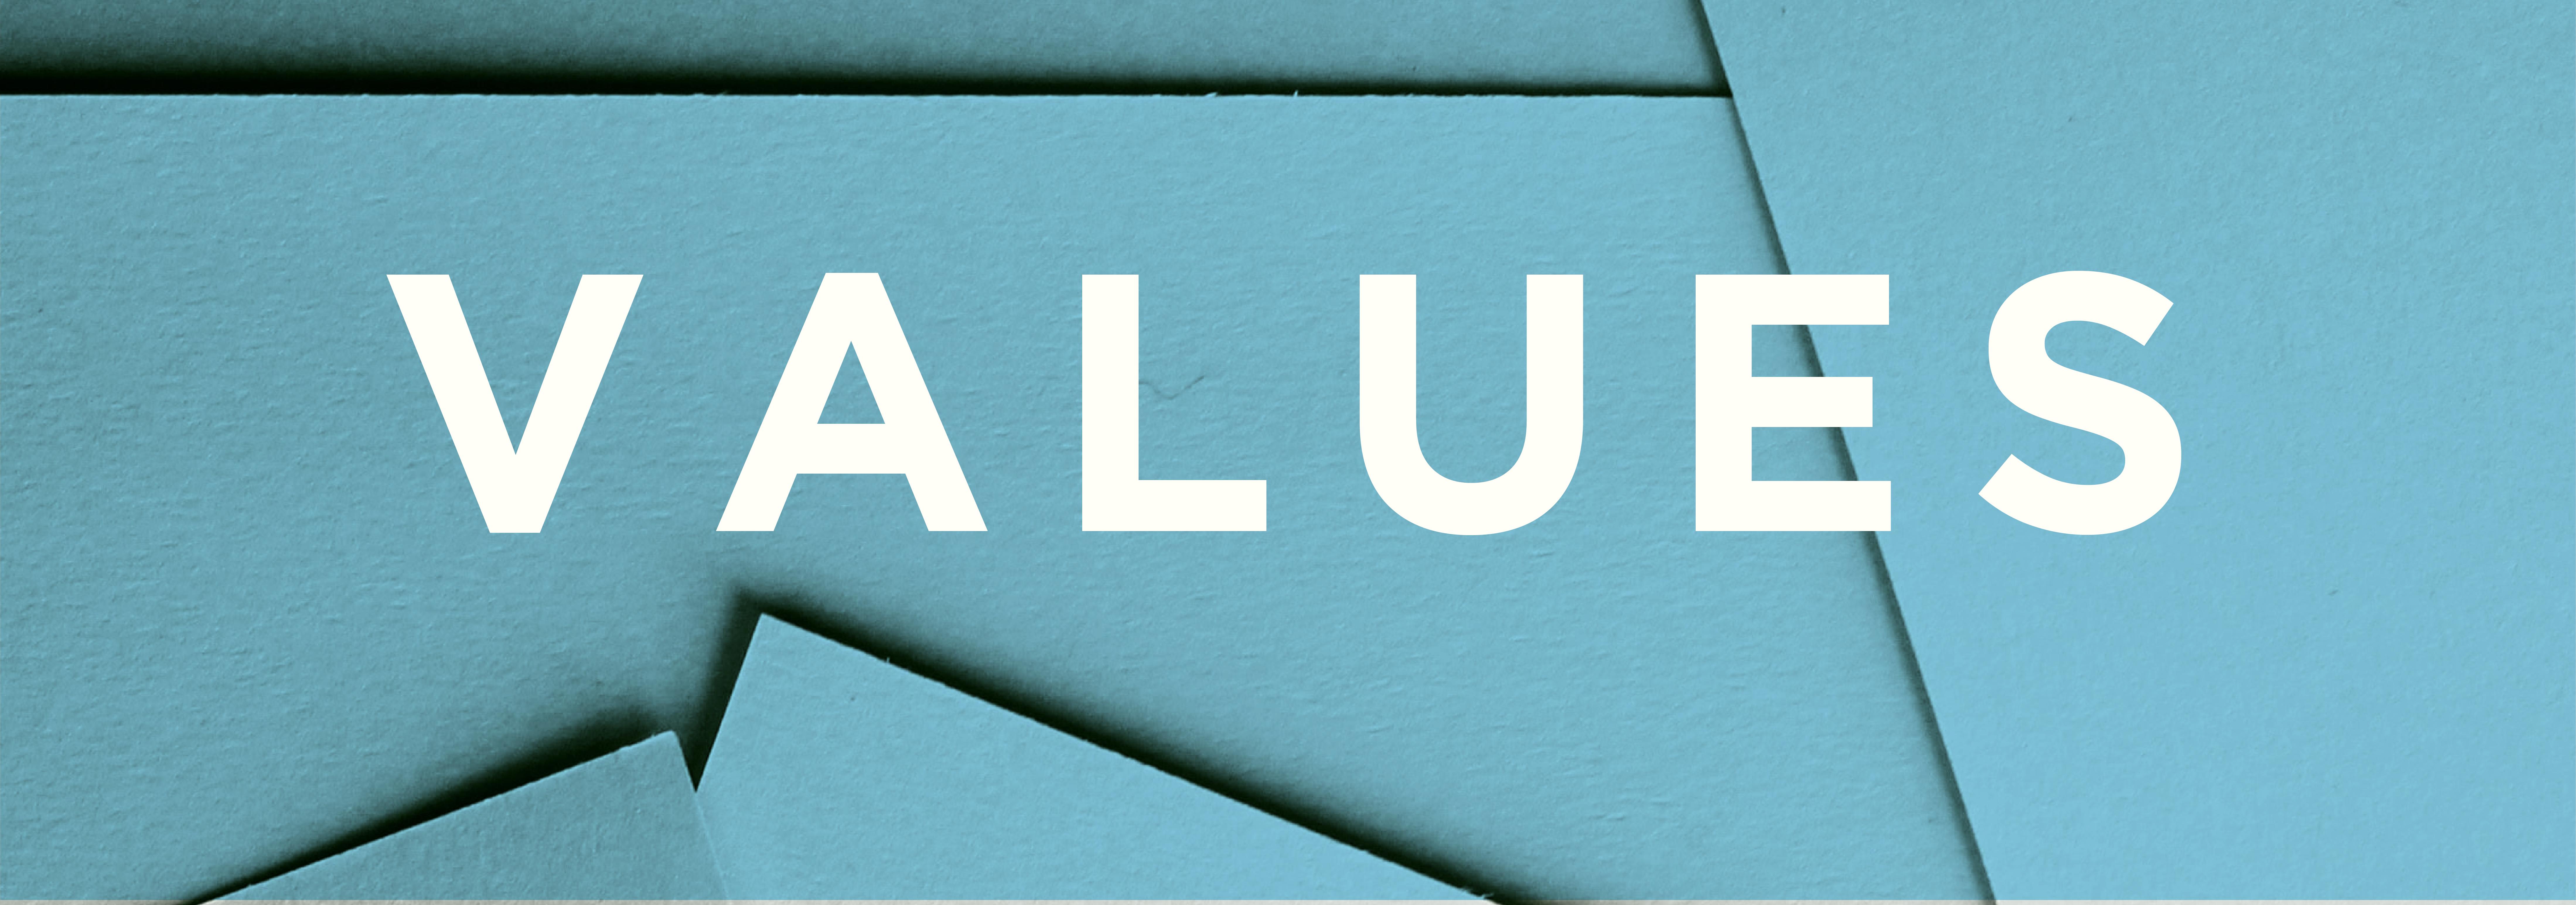 values-13